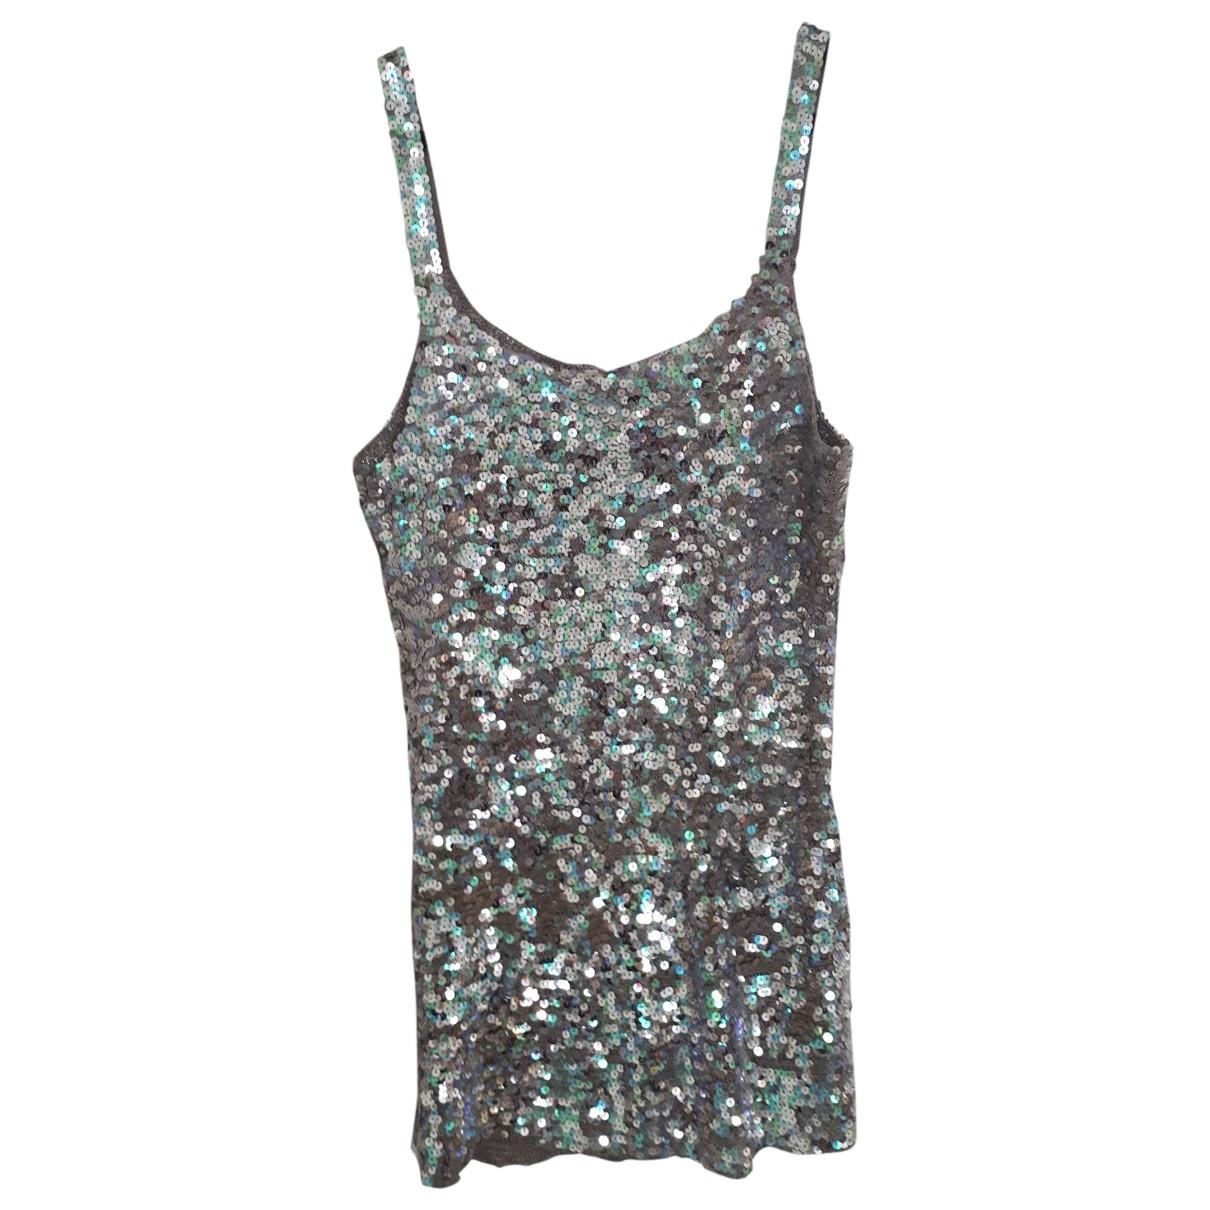 Falconeri \N Kleid in  Silber Mit Pailletten